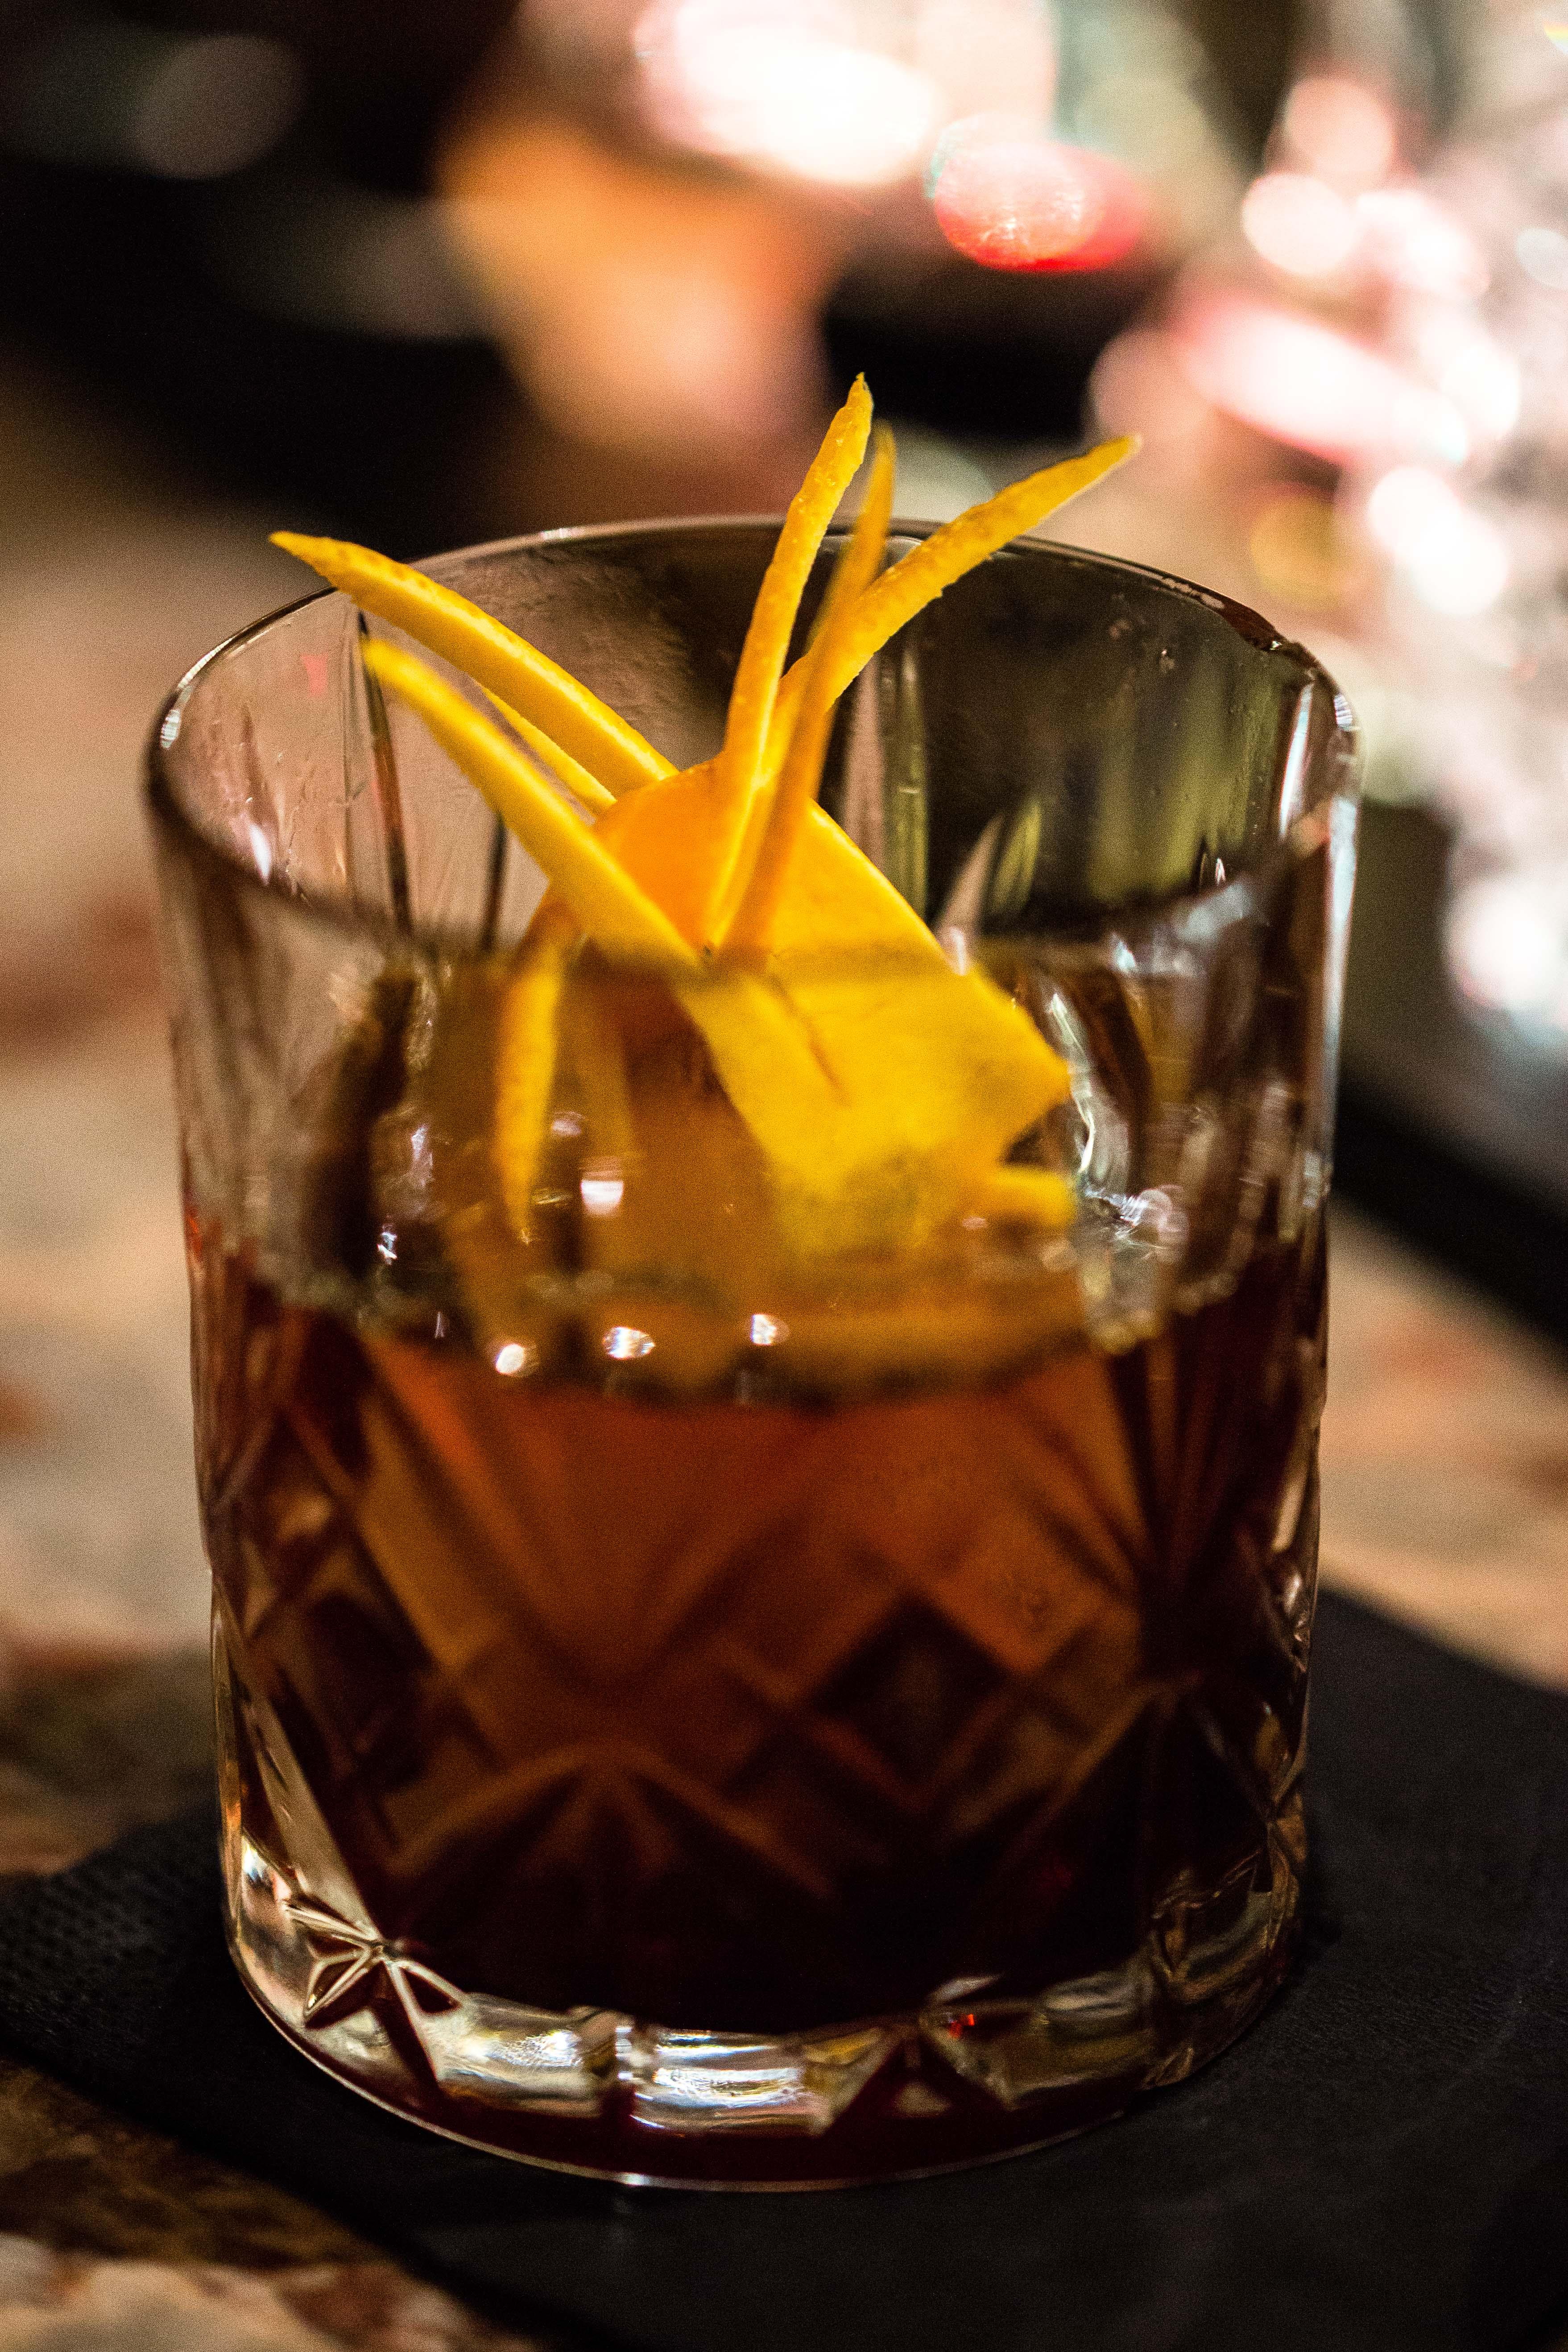 cocktail-fannygaudin-5135